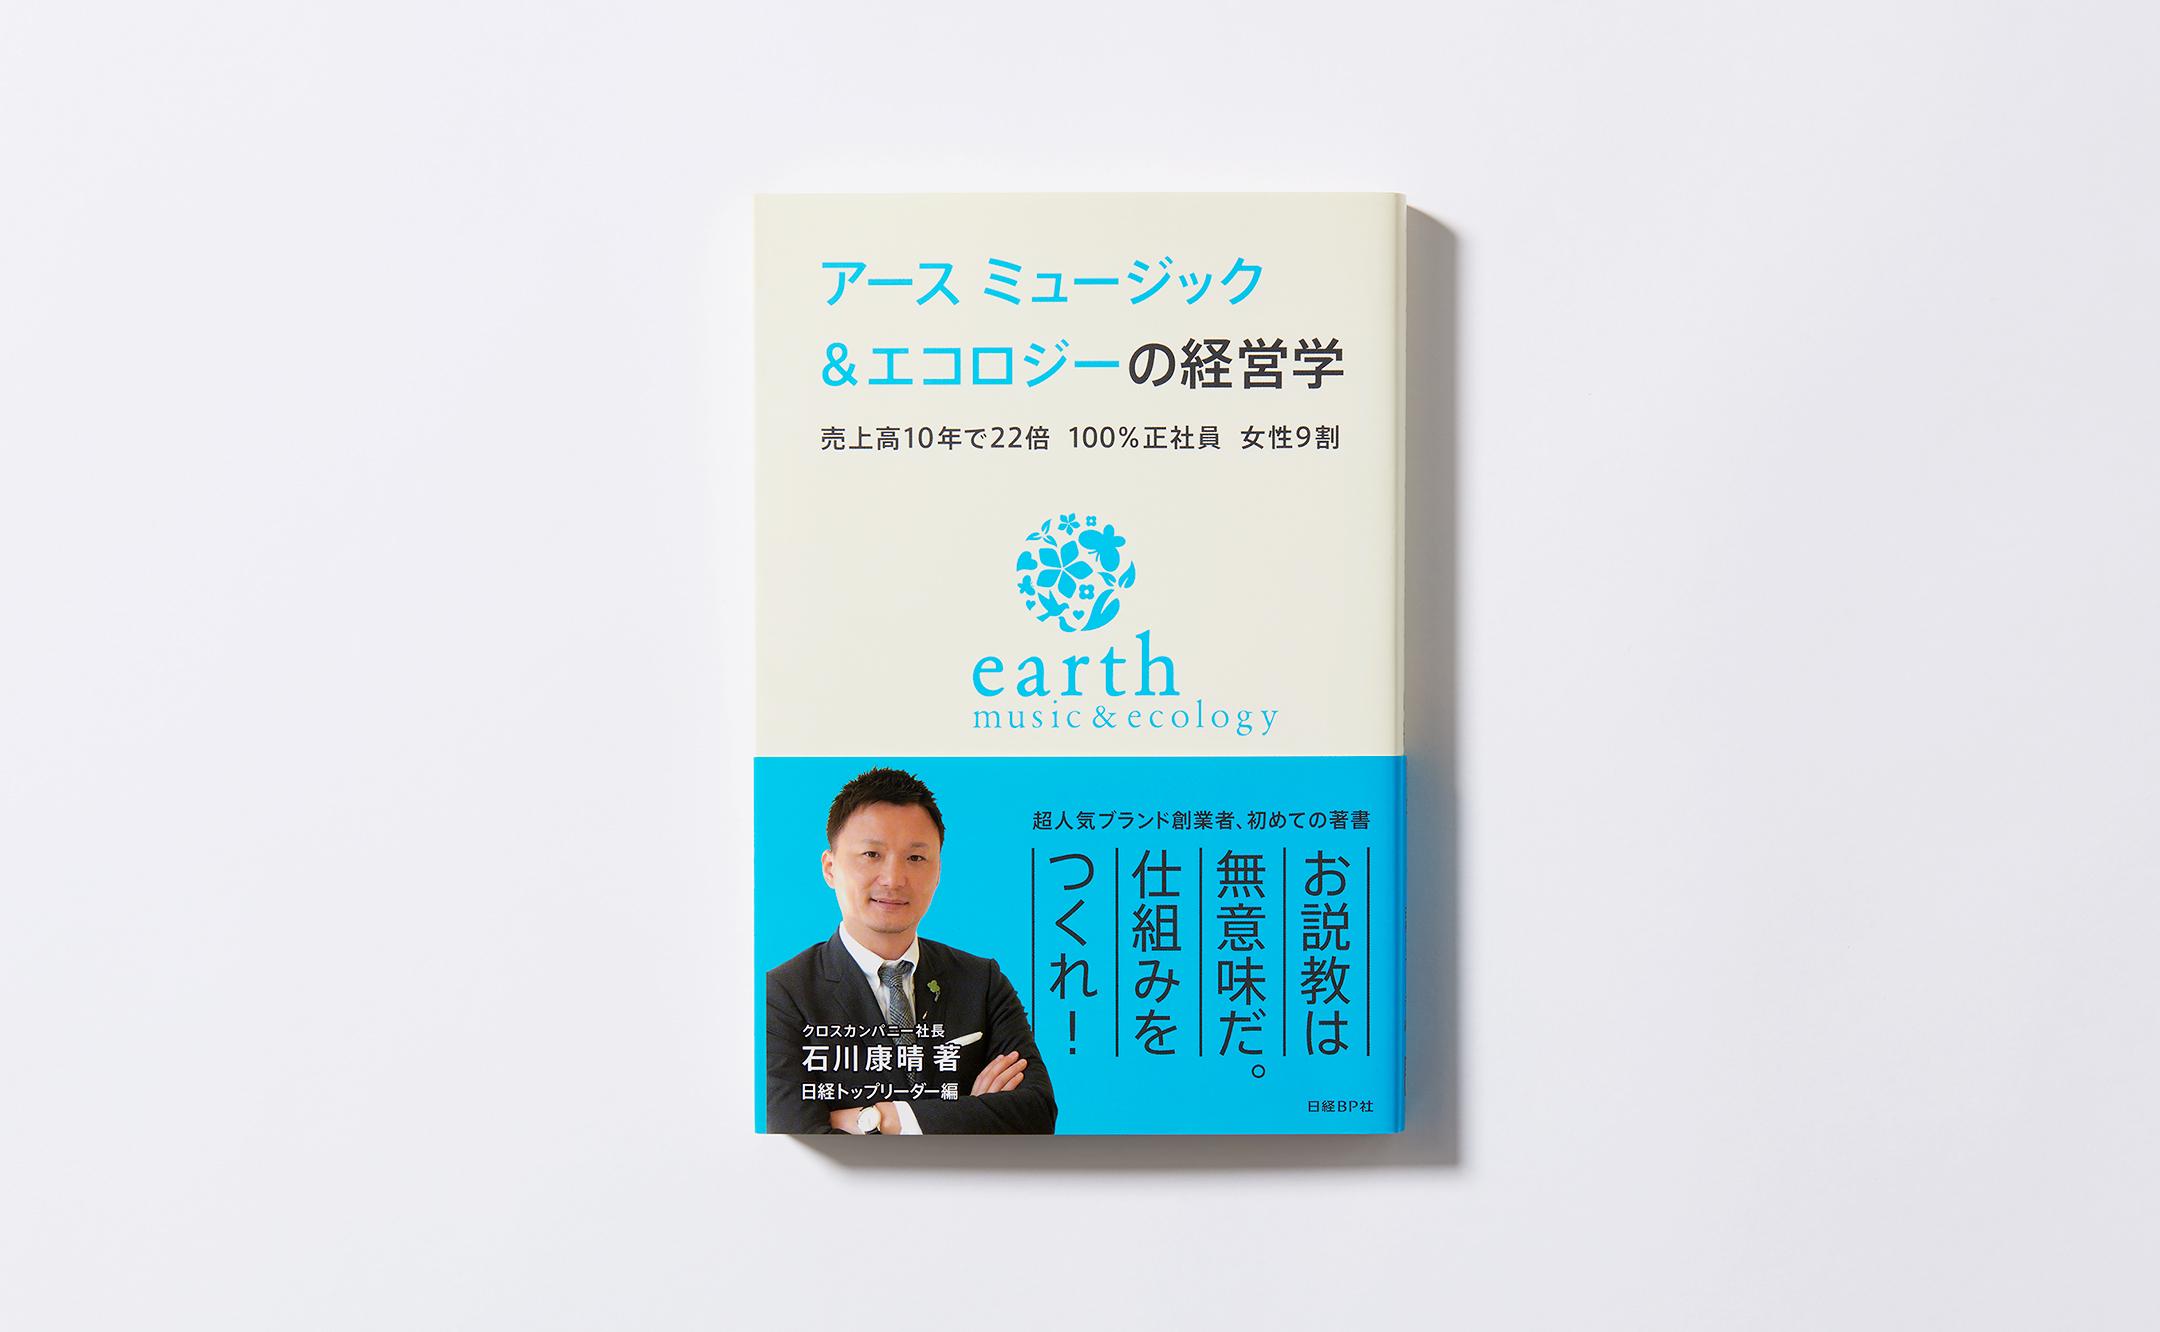 クロスカンパニー 石川 康晴氏著『アースミュージック&エコロジーの経営学』